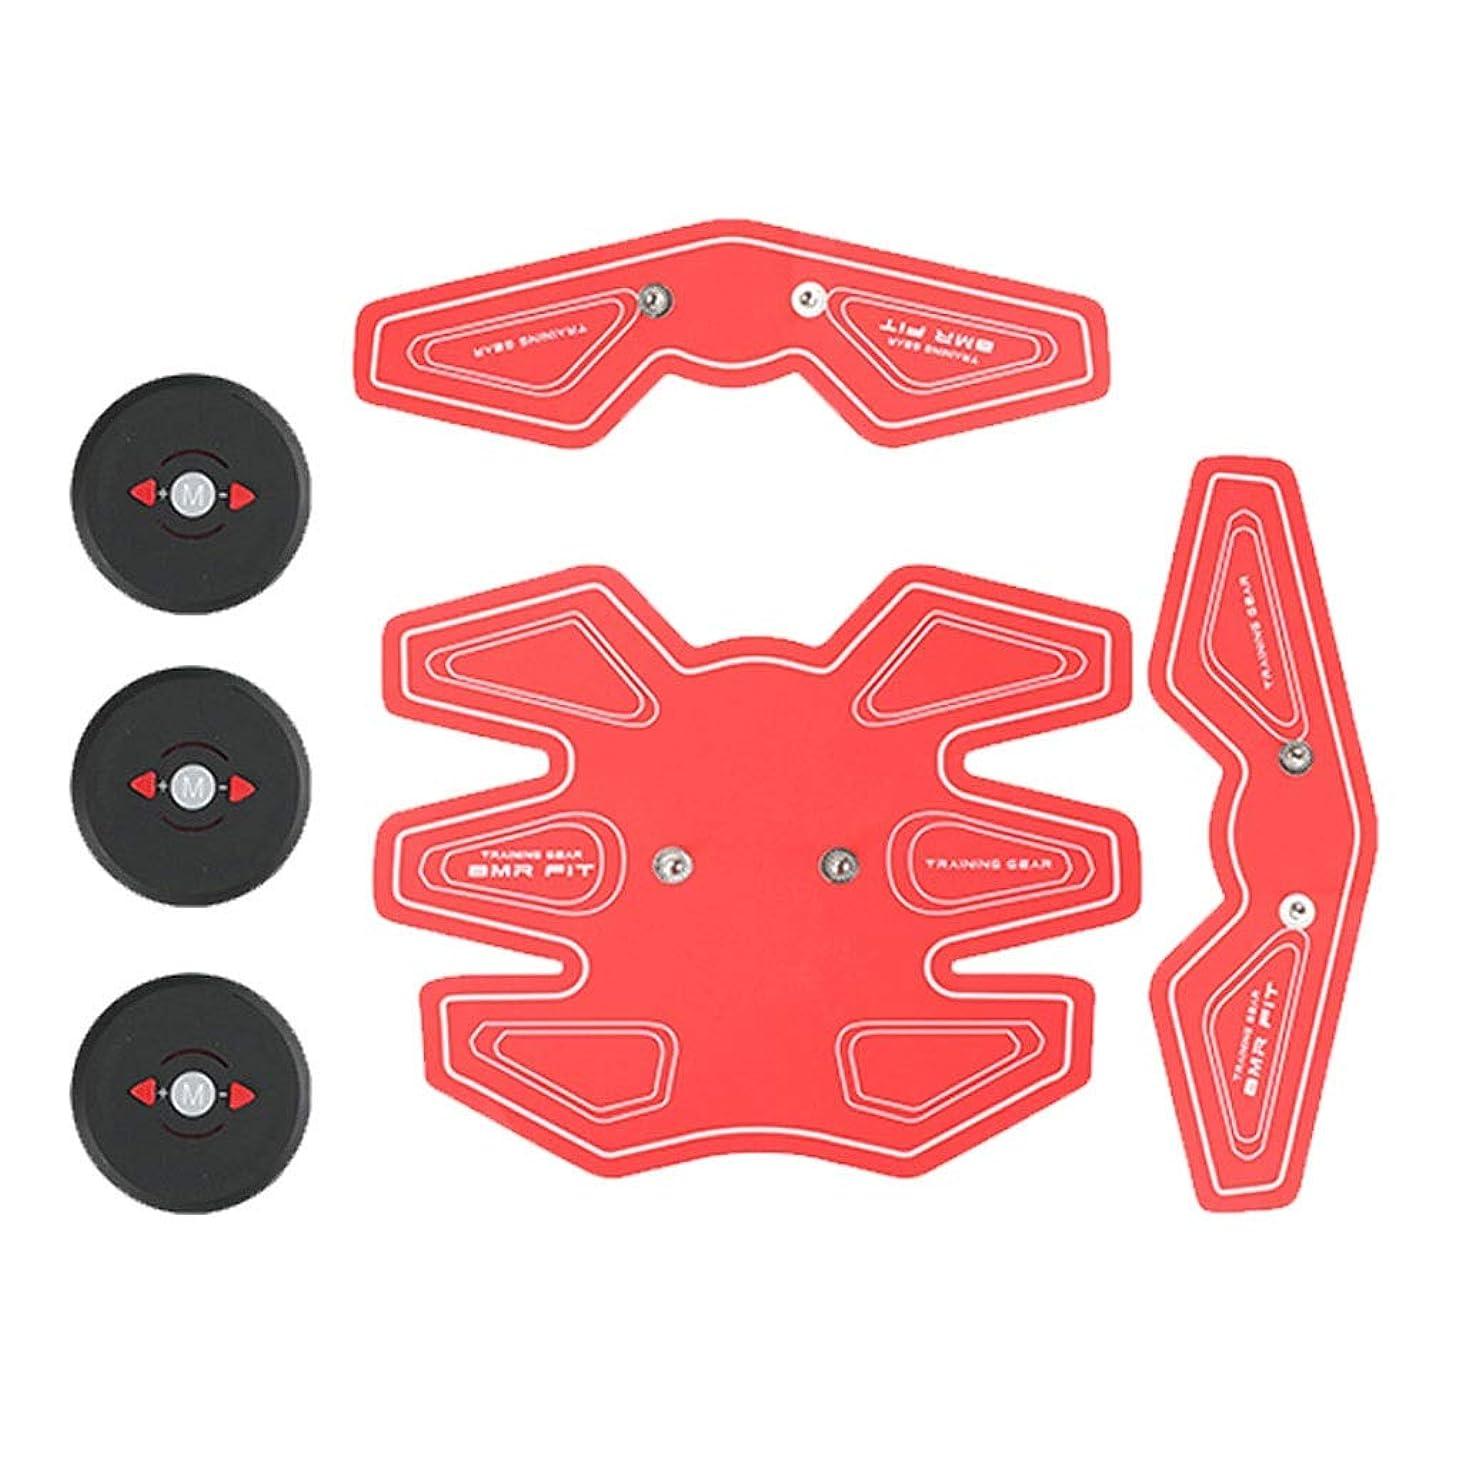 笑メーターダイアクリティカルABS筋肉トレーナー、携帯用腹部筋肉調子ベルトの家の適性の訓練装置、腹部腕の足の訓練の人および女性のための簡単な操作 (Color : Red)